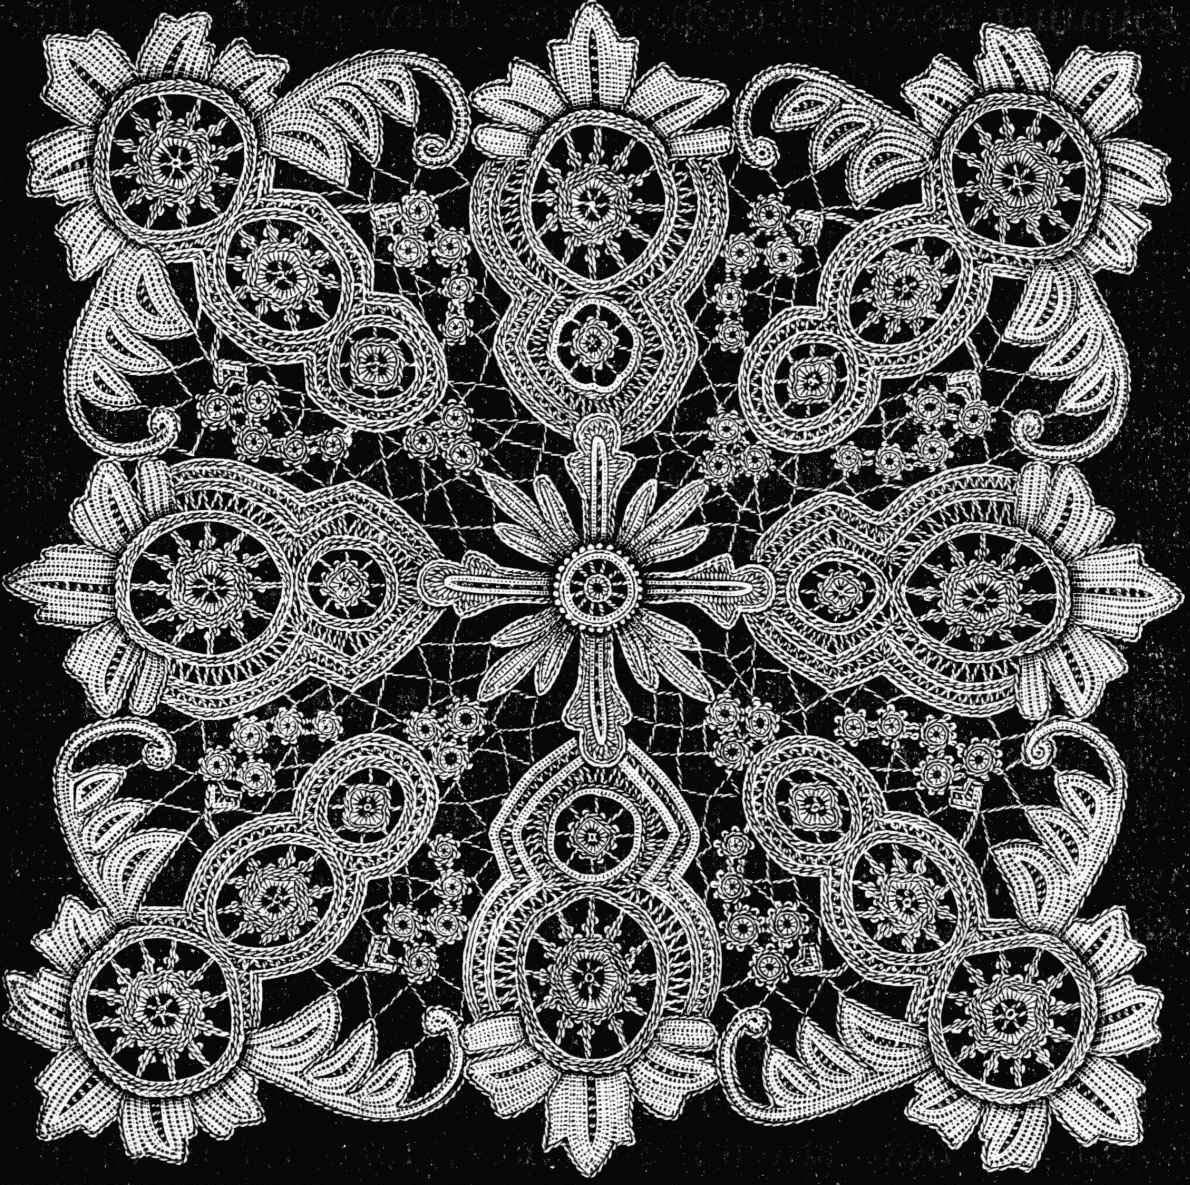 Motif Knitting Patterns : lace pattern-Knitting Gallery